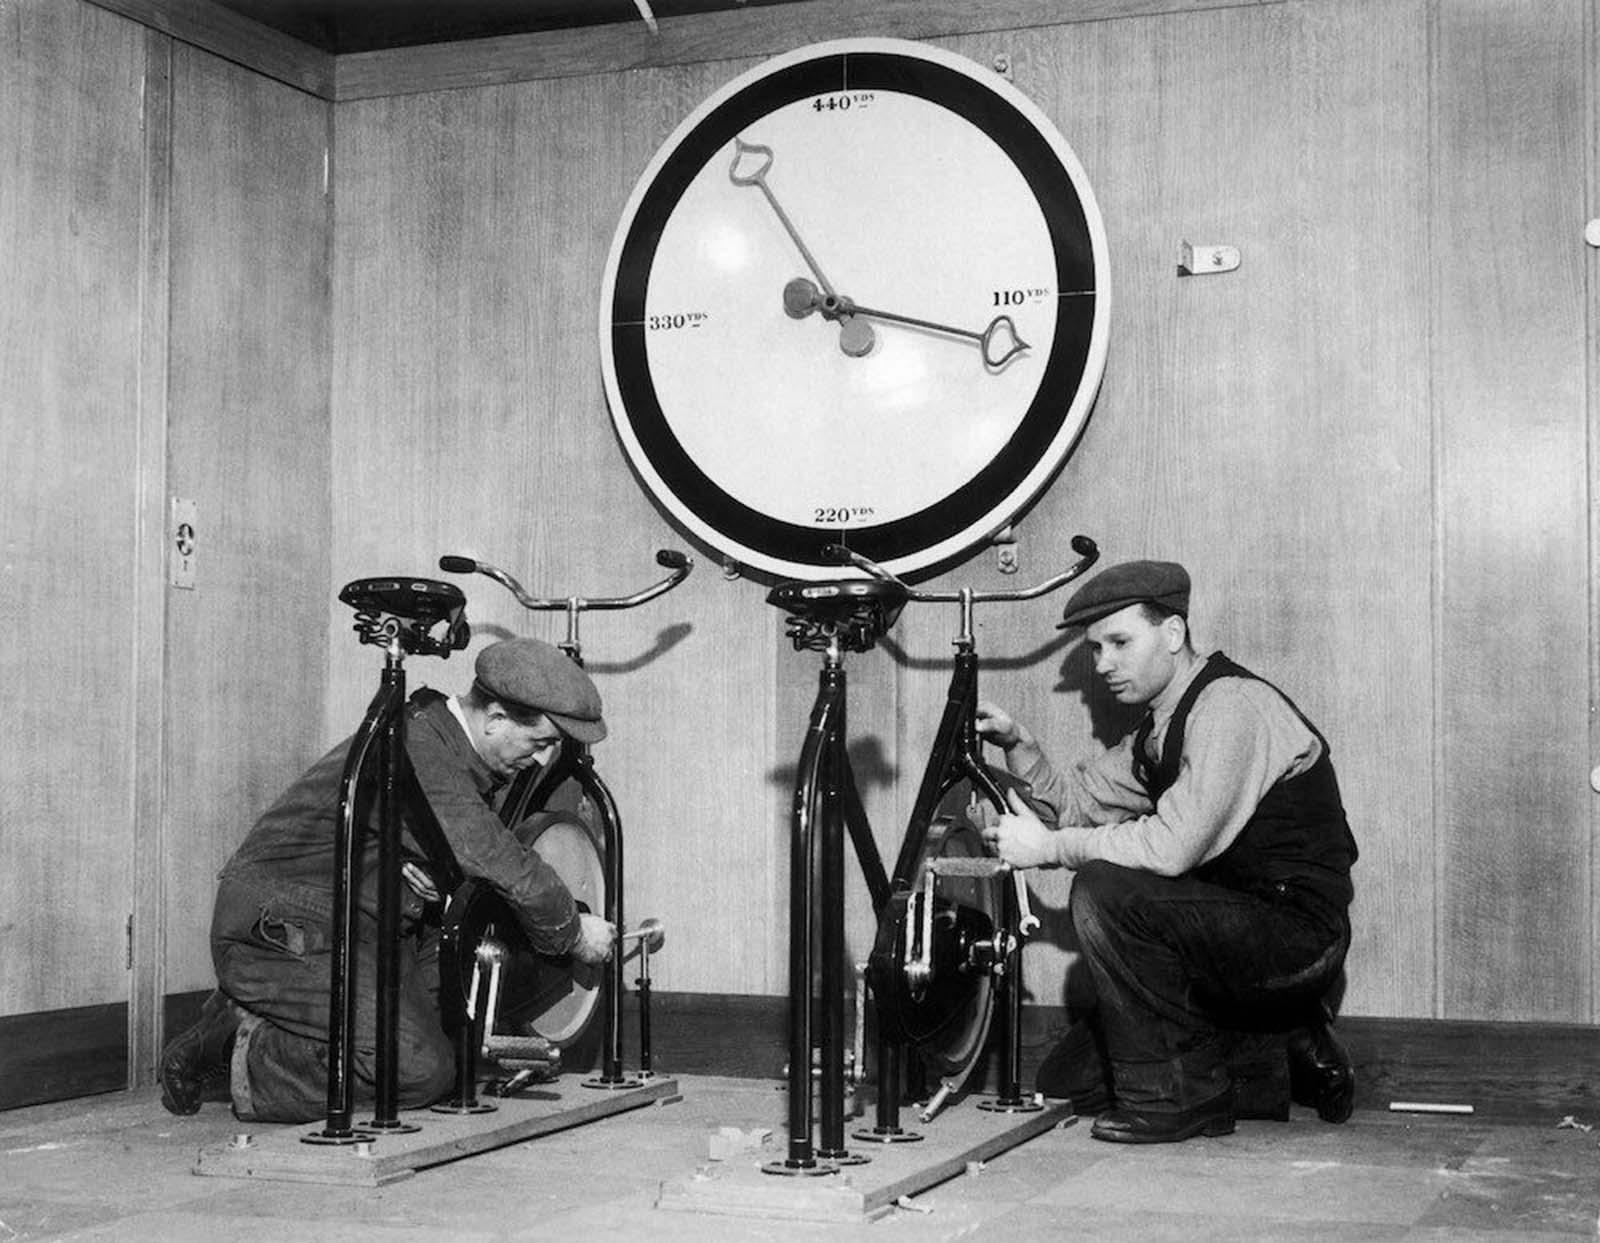 """1932: Техници проверяват велоергометрите във фитнес залата на борда на британския """"Кралица Мери"""" и измерват изминатото разстояние."""